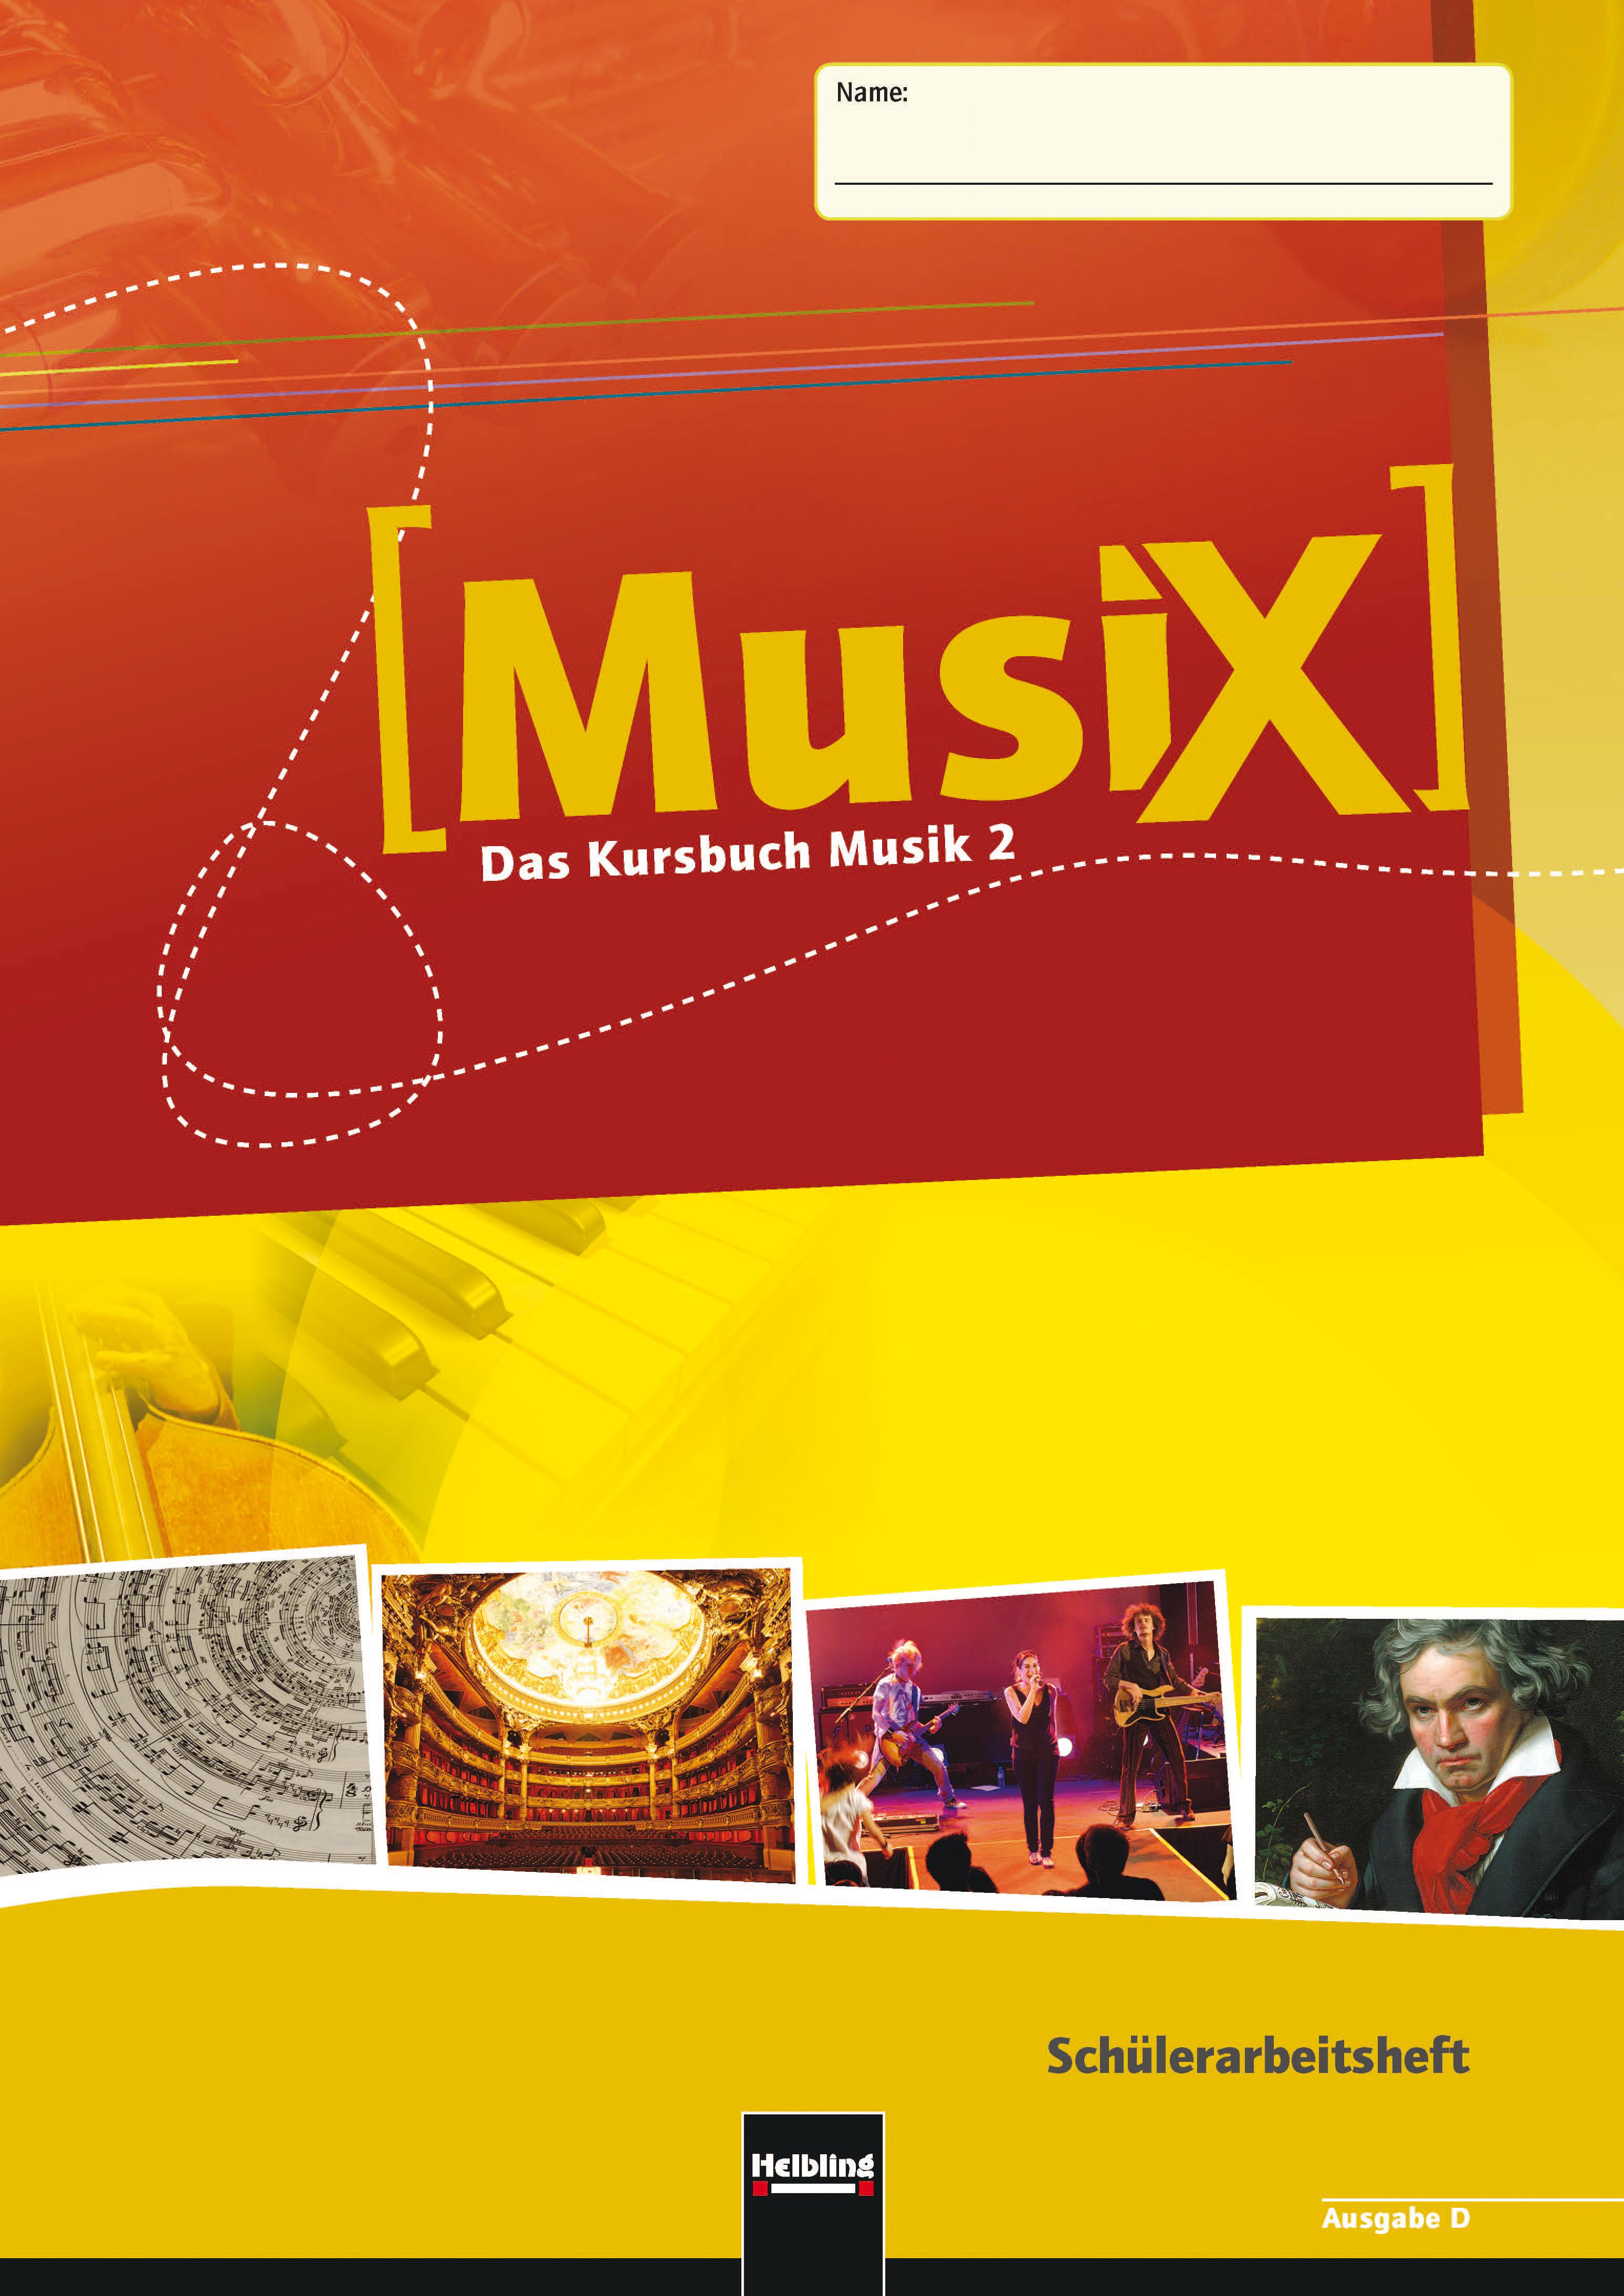 Detterbeck, M: MusiX - Das Kursbuch Musik 2. Sc...